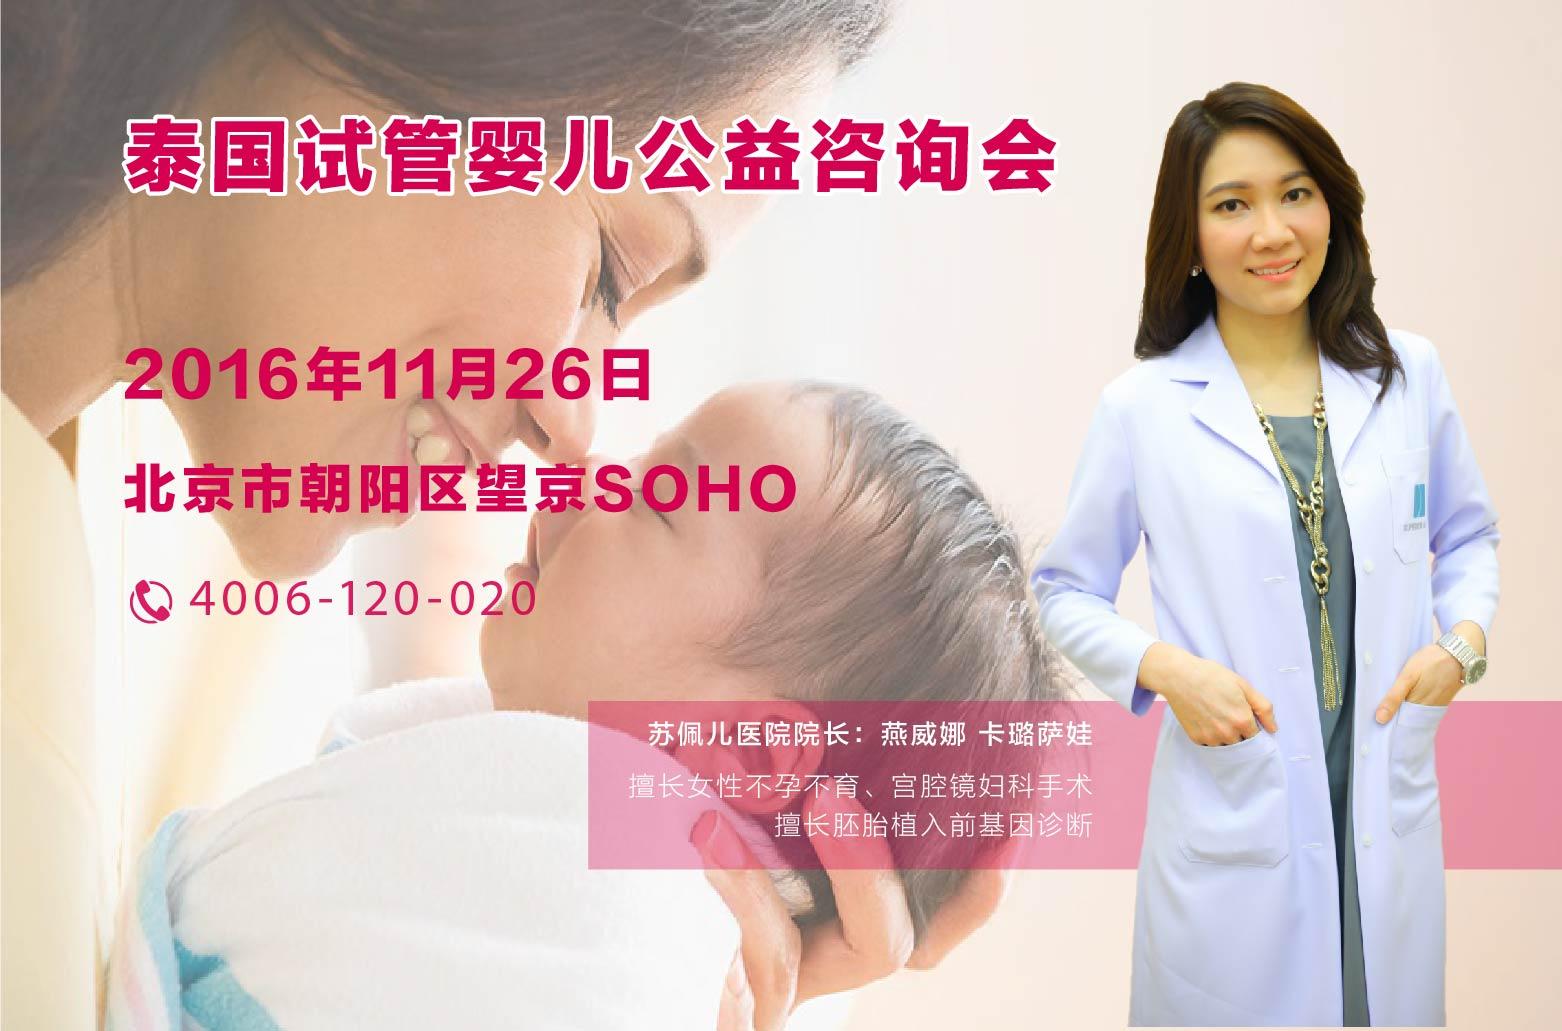 优孕行美国试管婴儿调查:互联网医疗平台的服务模式.jpg